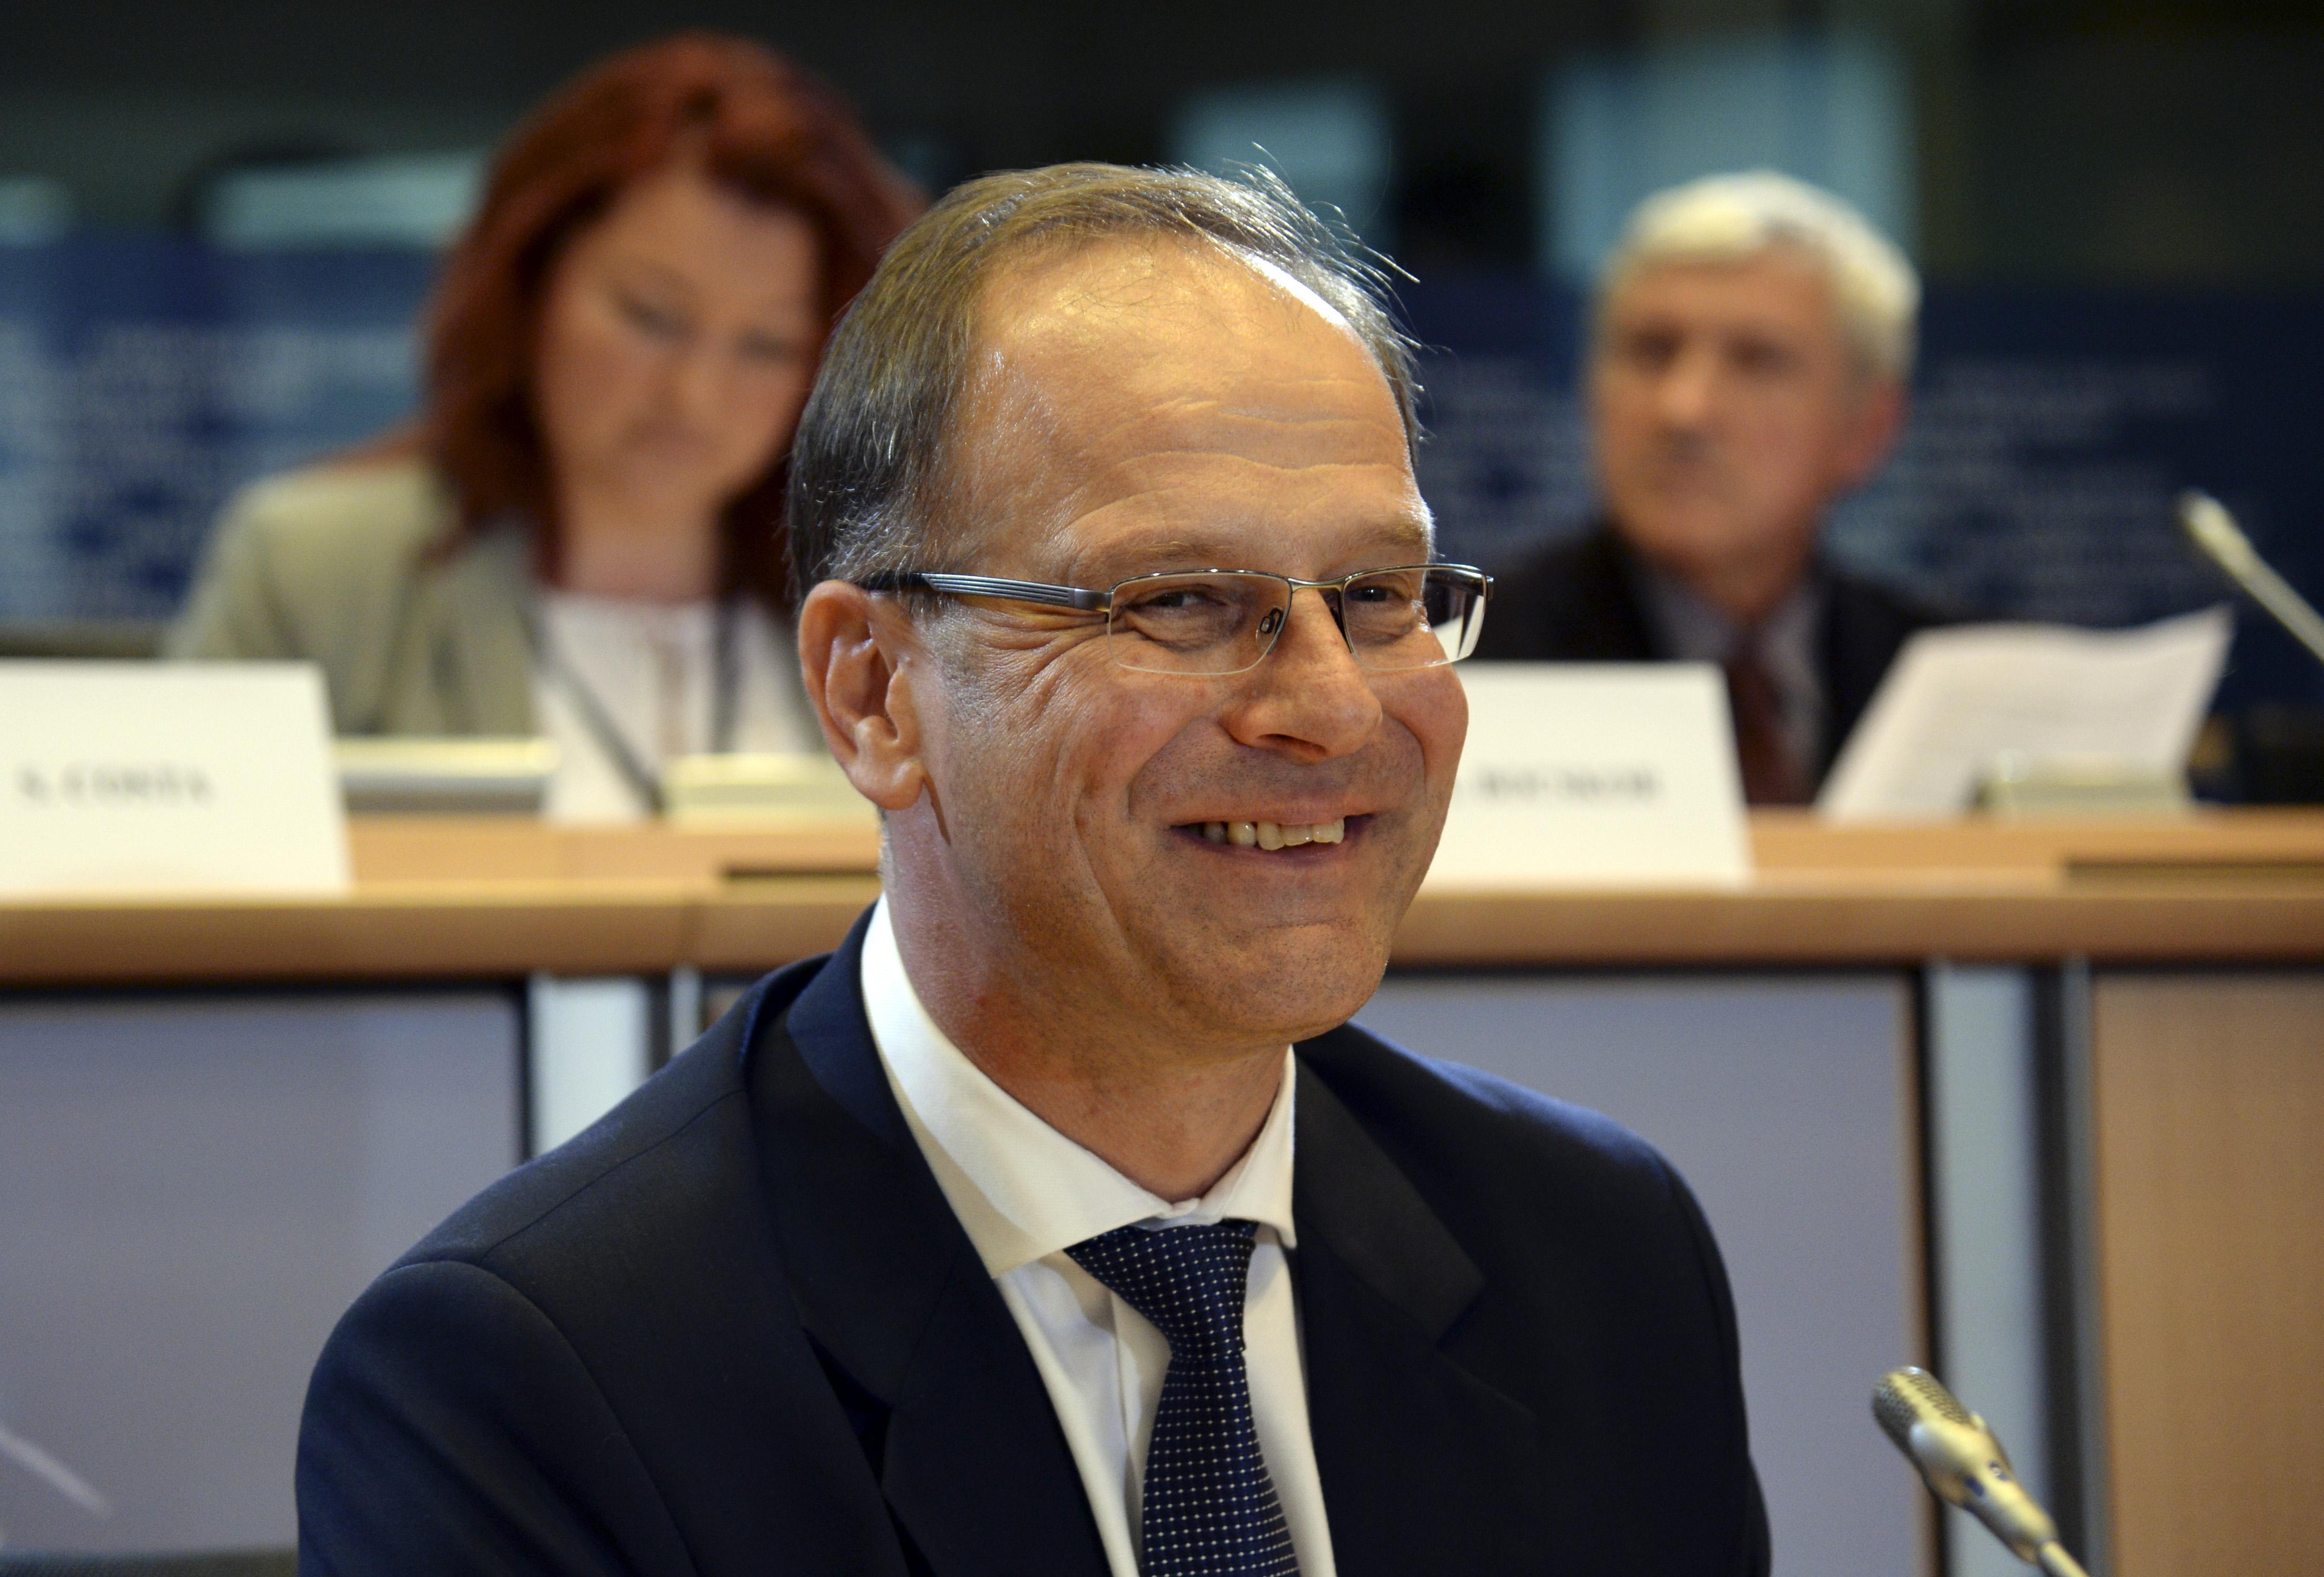 Míg a magyar támogatást megvágná, addig az Erasmus-ösztöndíjakat megduplázná az Európai Bizottság